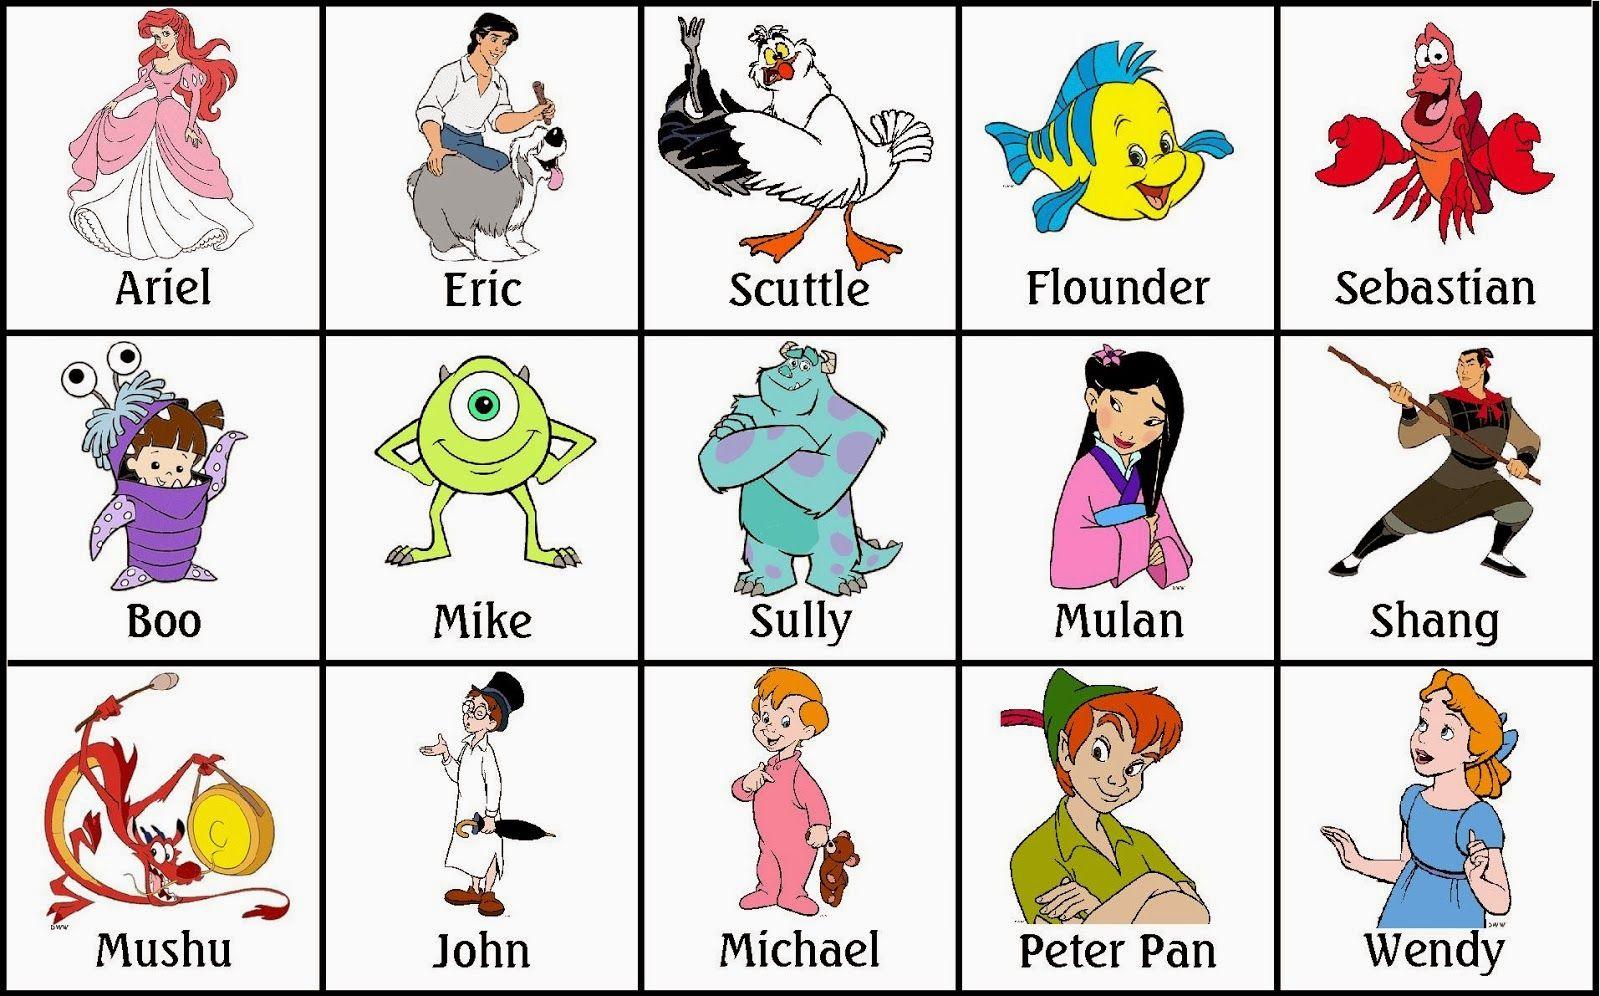 Ideas Y Material Gratis Para Fiestas Y Celebraciones Oh My Fiesta Bingo De Personajes Disney Para Imprimir Gratis Cartones De Bingo Bingo Personajes Disney